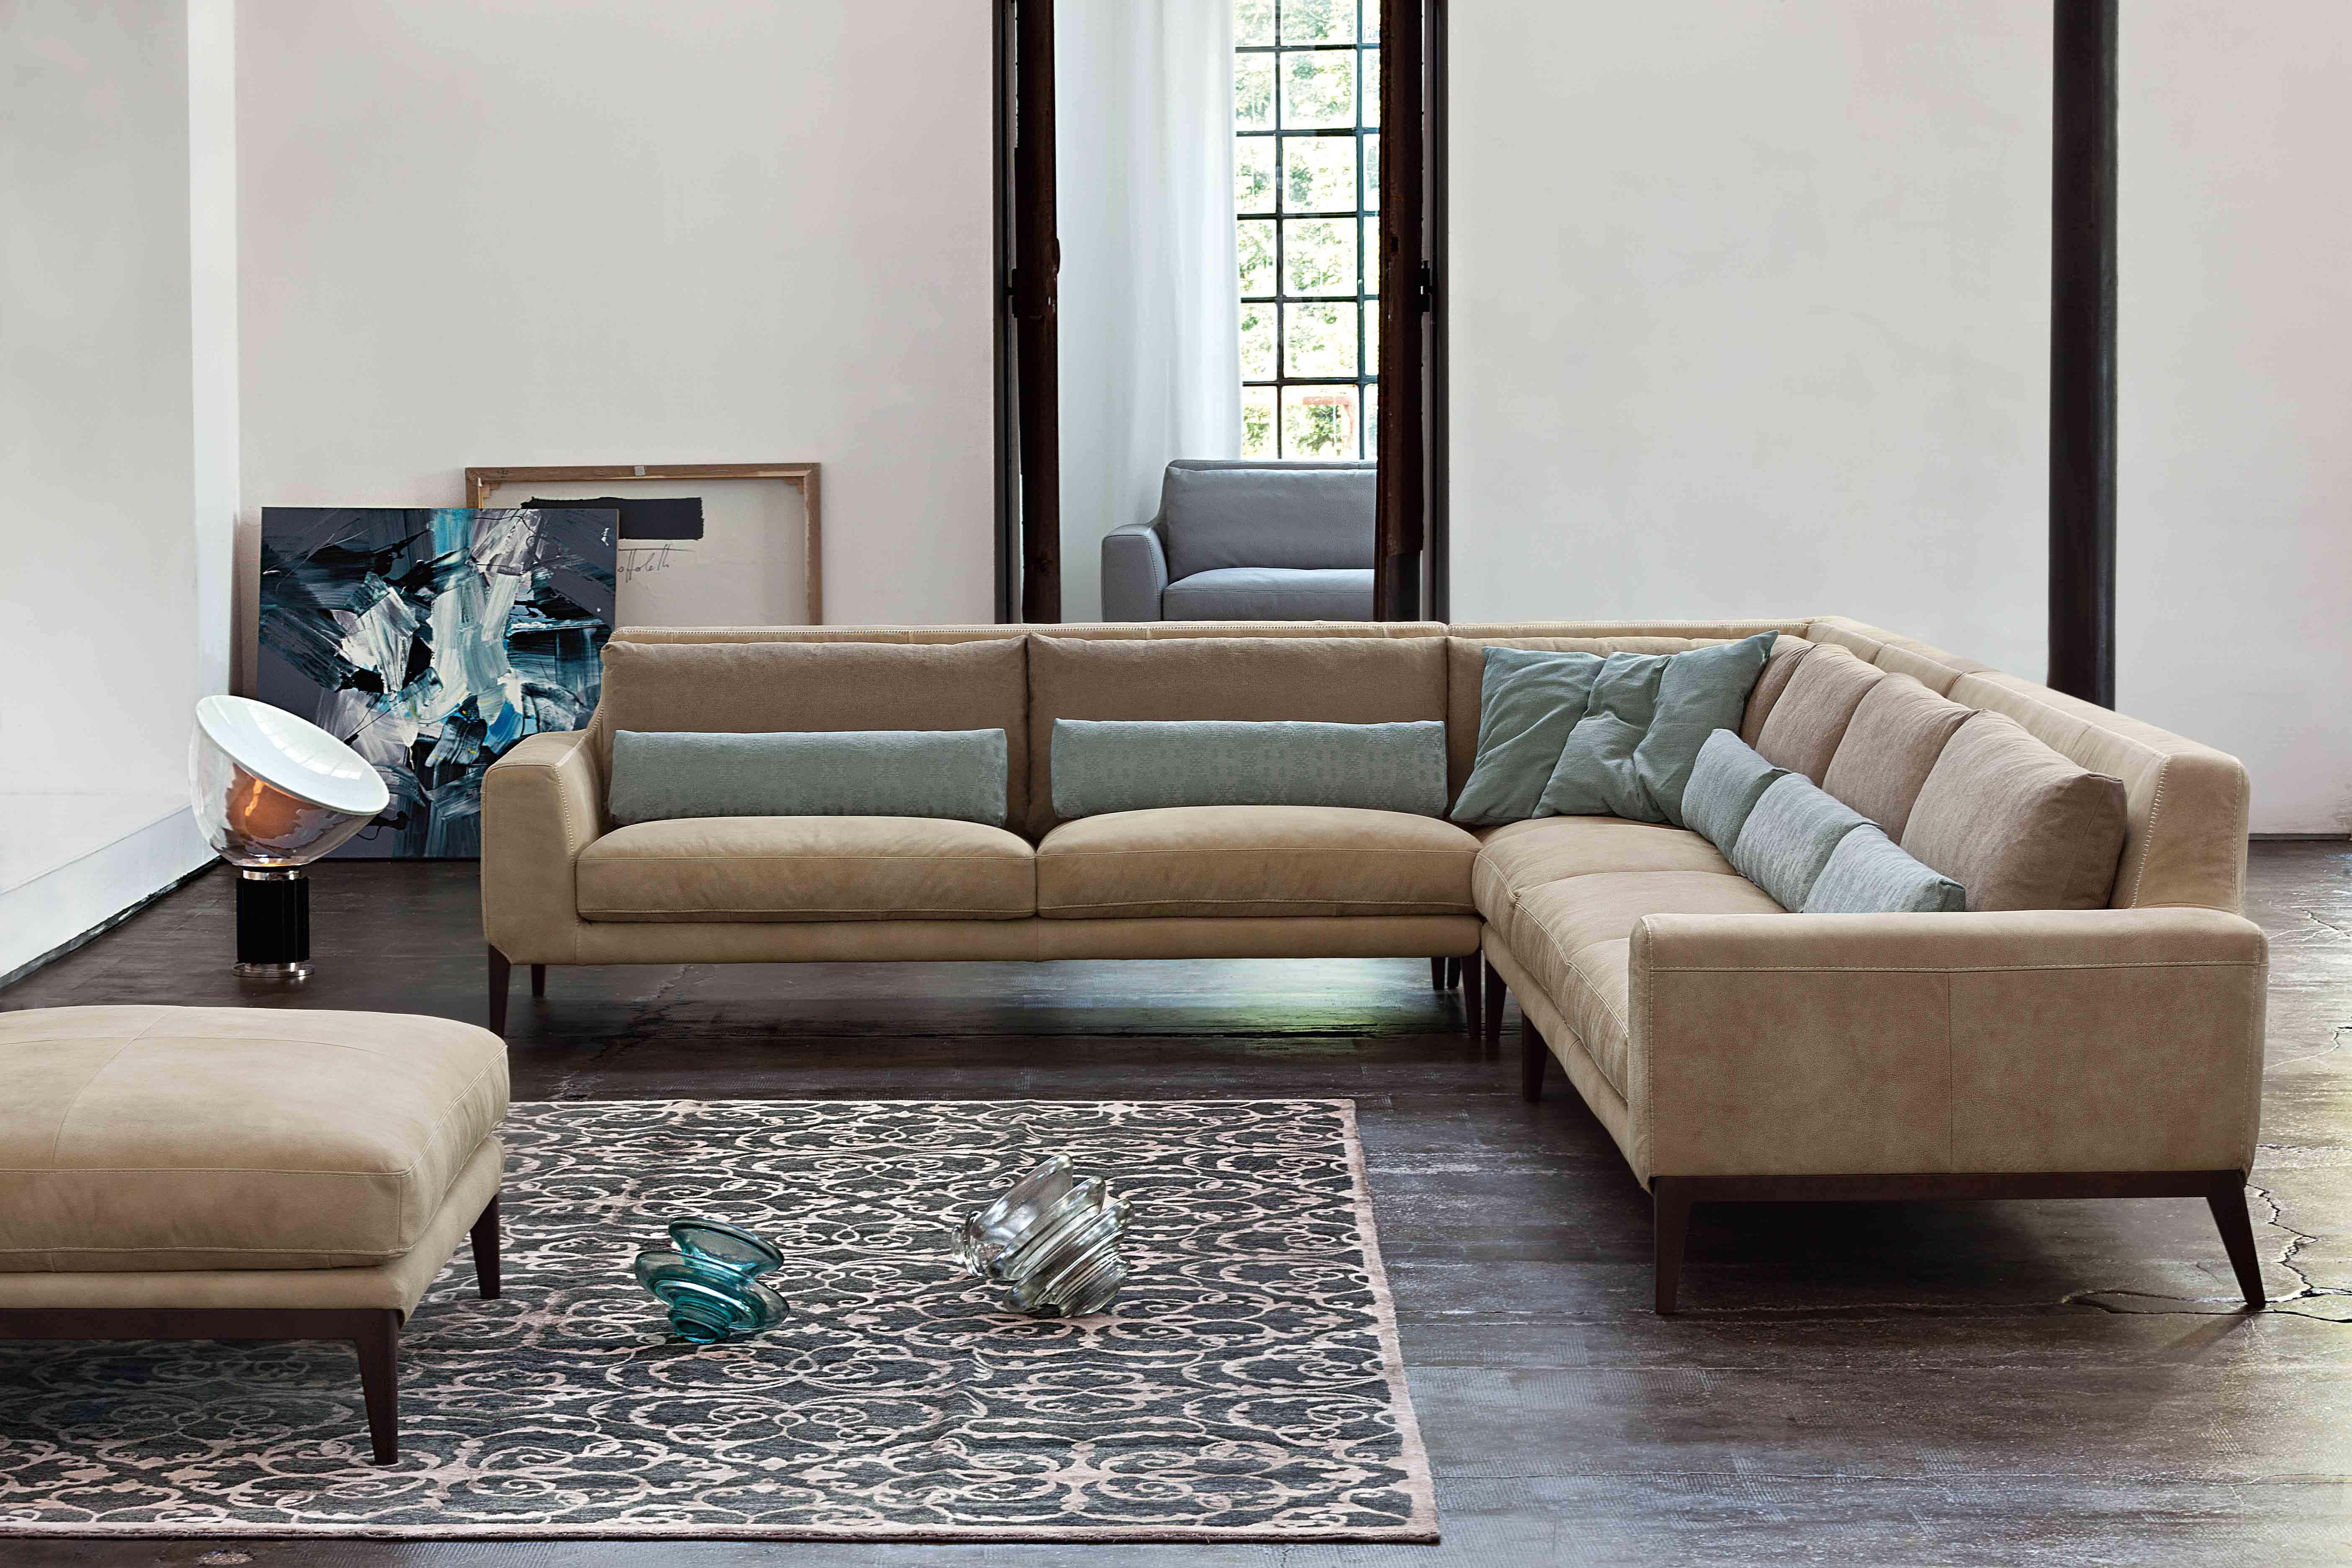 Liebenswert Italienische Polstermöbel Das Beste Von Ditreitalia Miller Designsofa